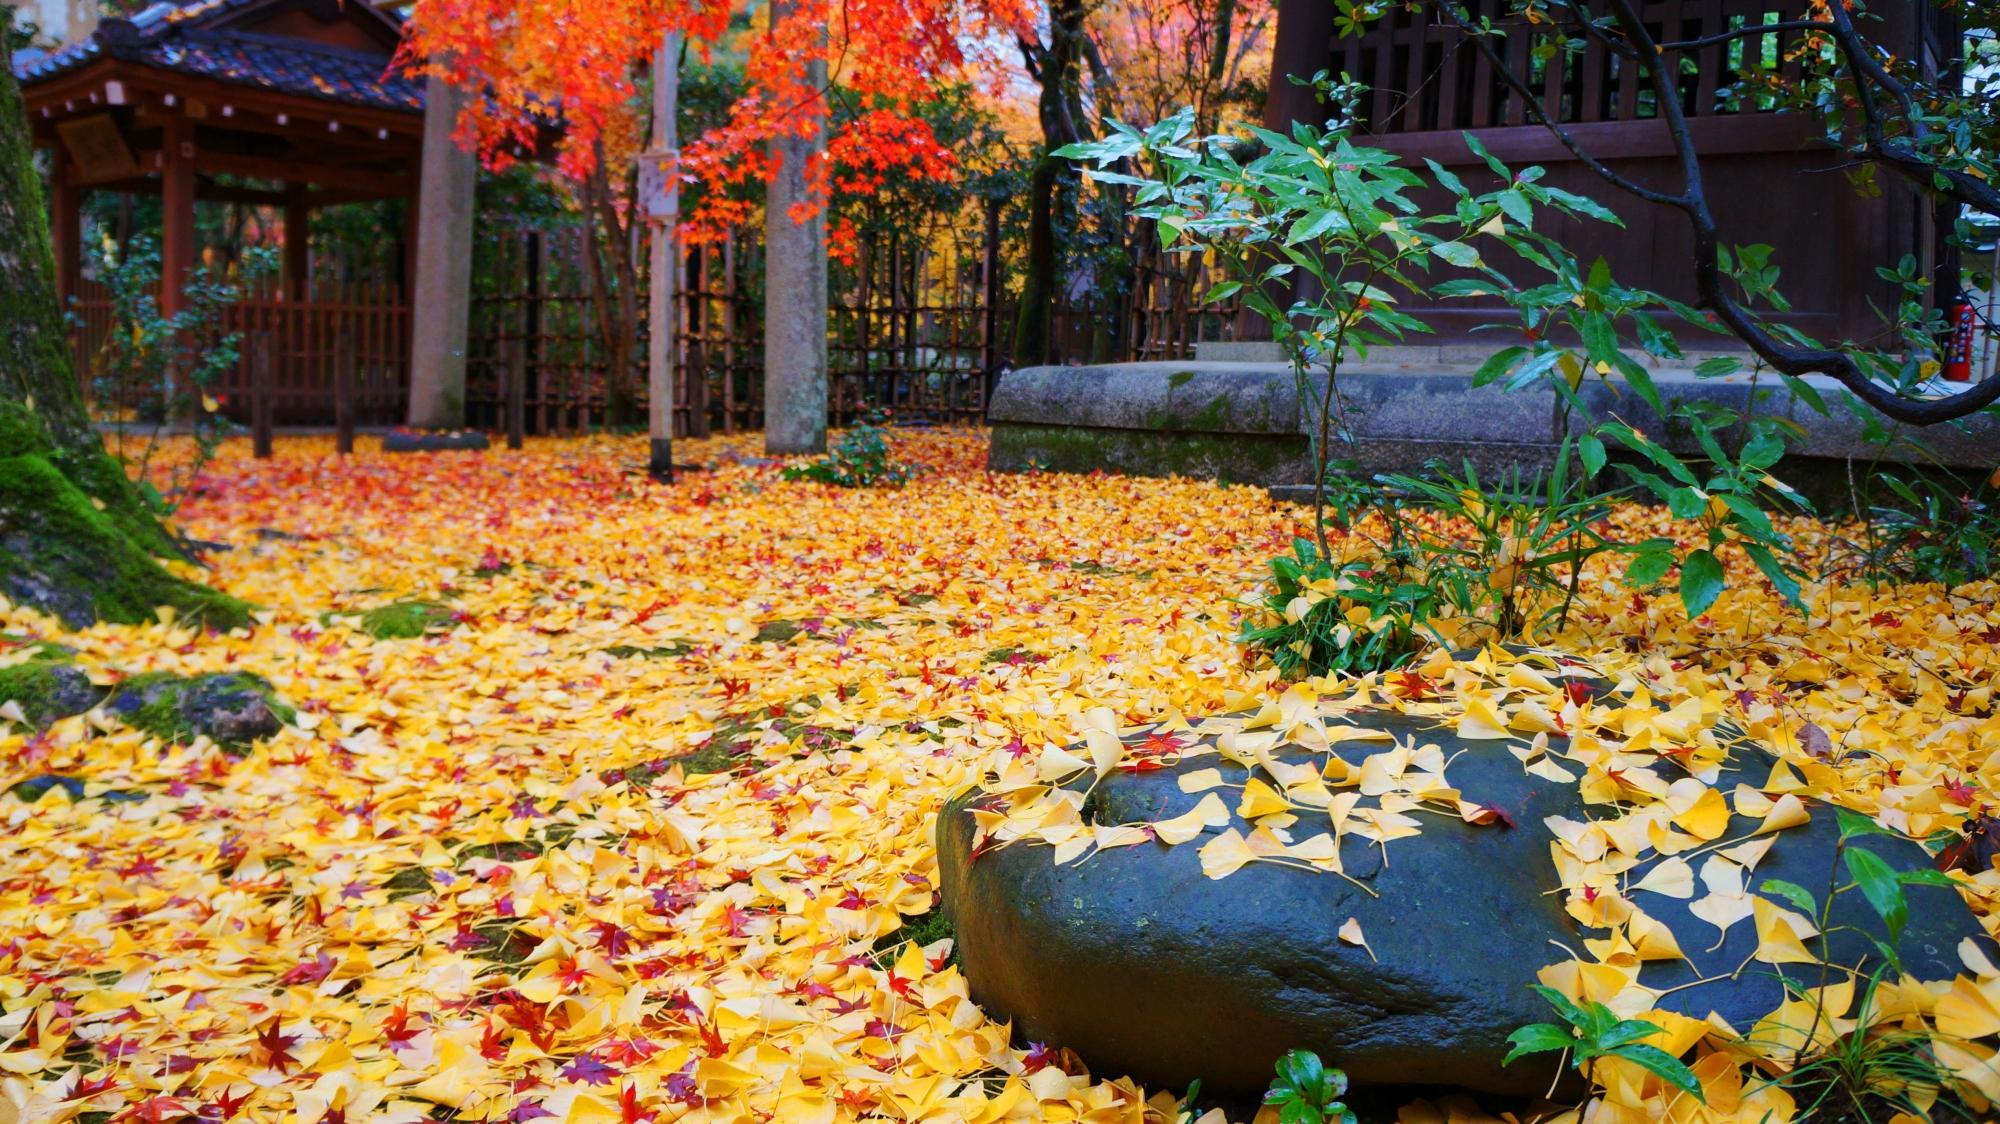 蓮華寺の苔を覆う黄色い散った銀杏の葉